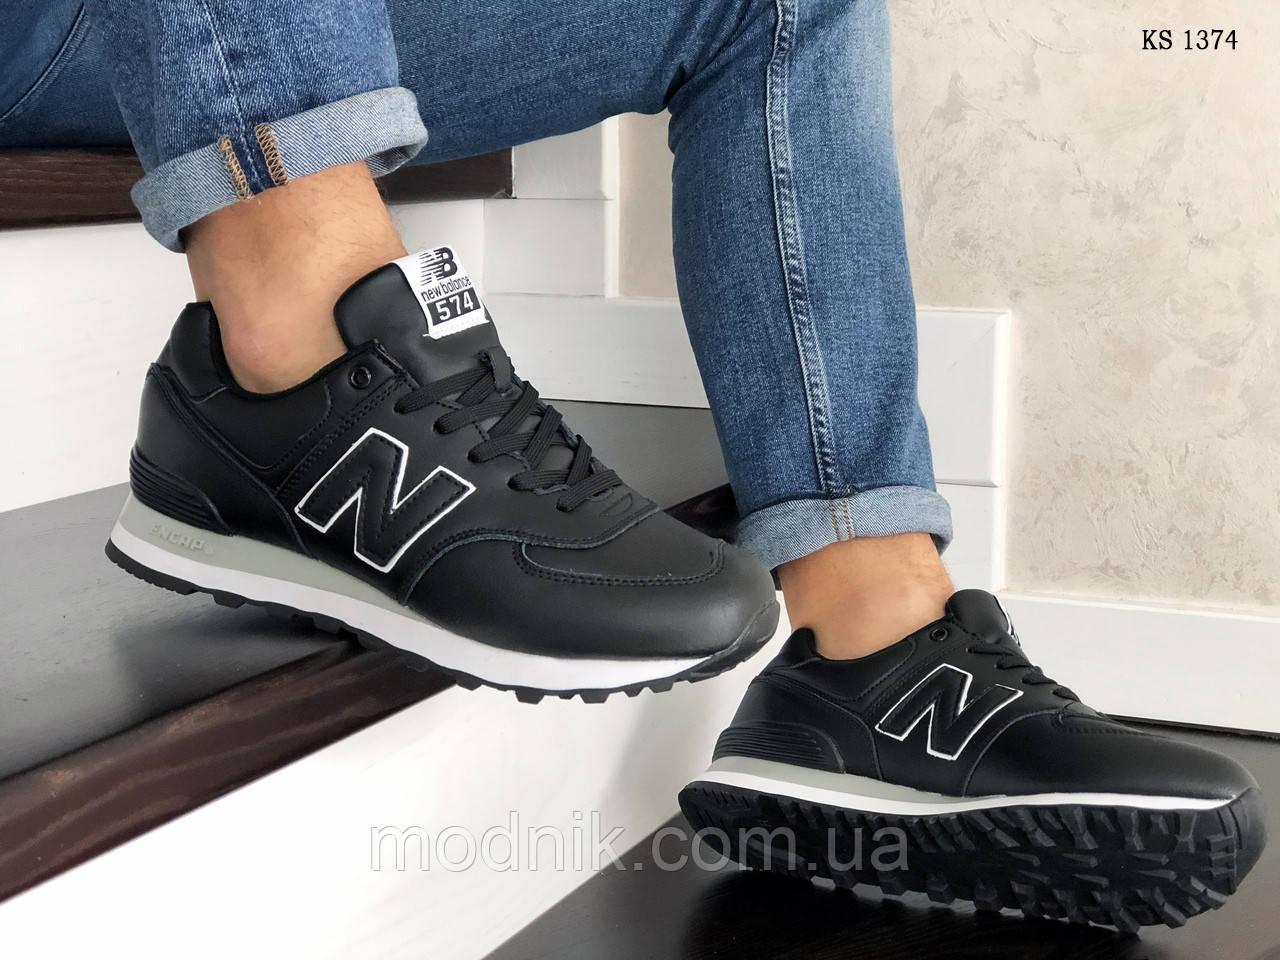 Мужские кожаные кроссовки New Balance 574 (черные) KS 1374